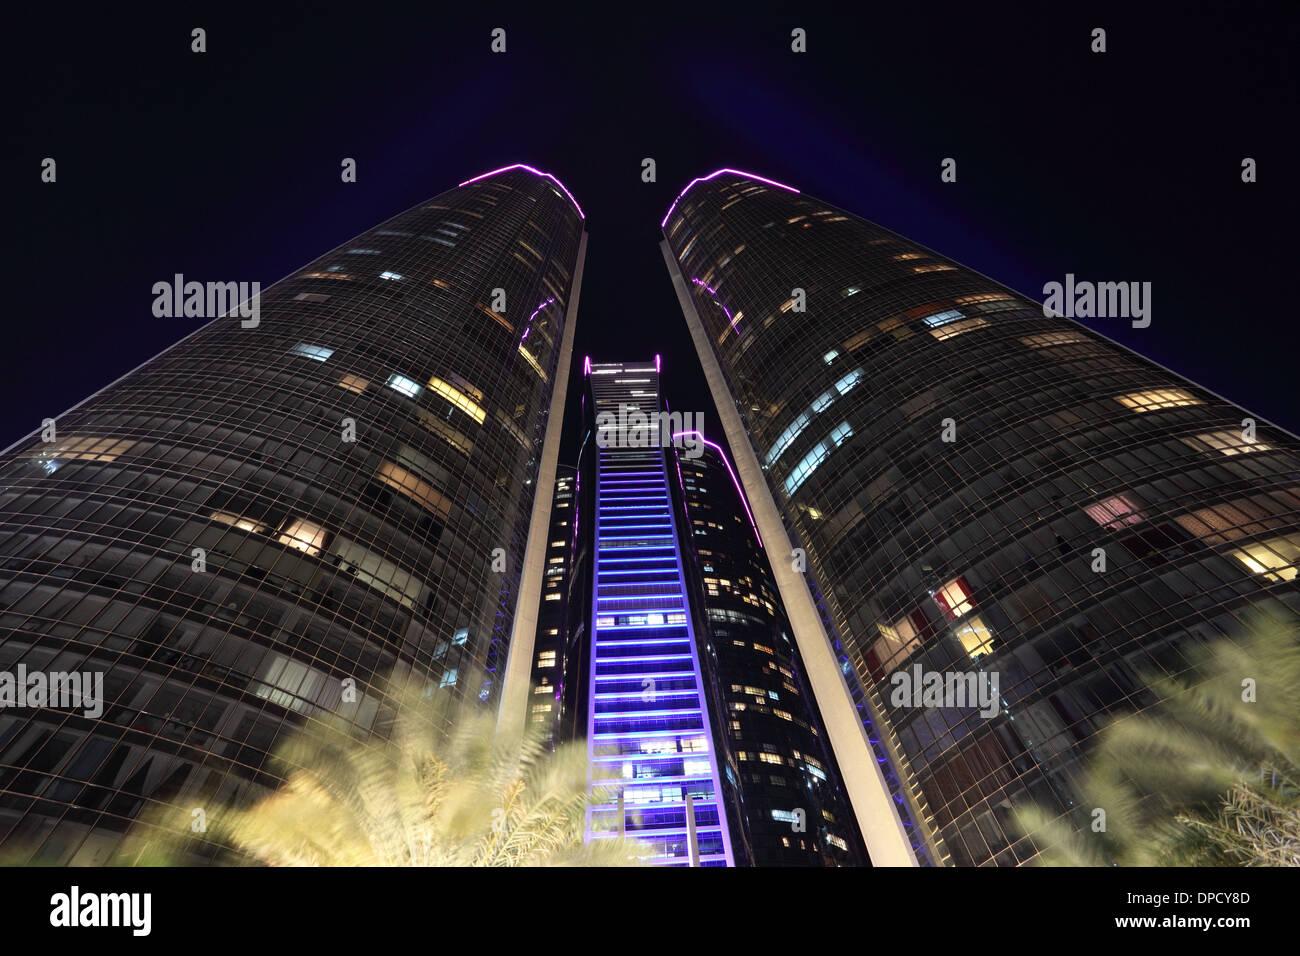 The Etihad Towers at night. Abu Dhabi, United Arab Emirates - Stock Image